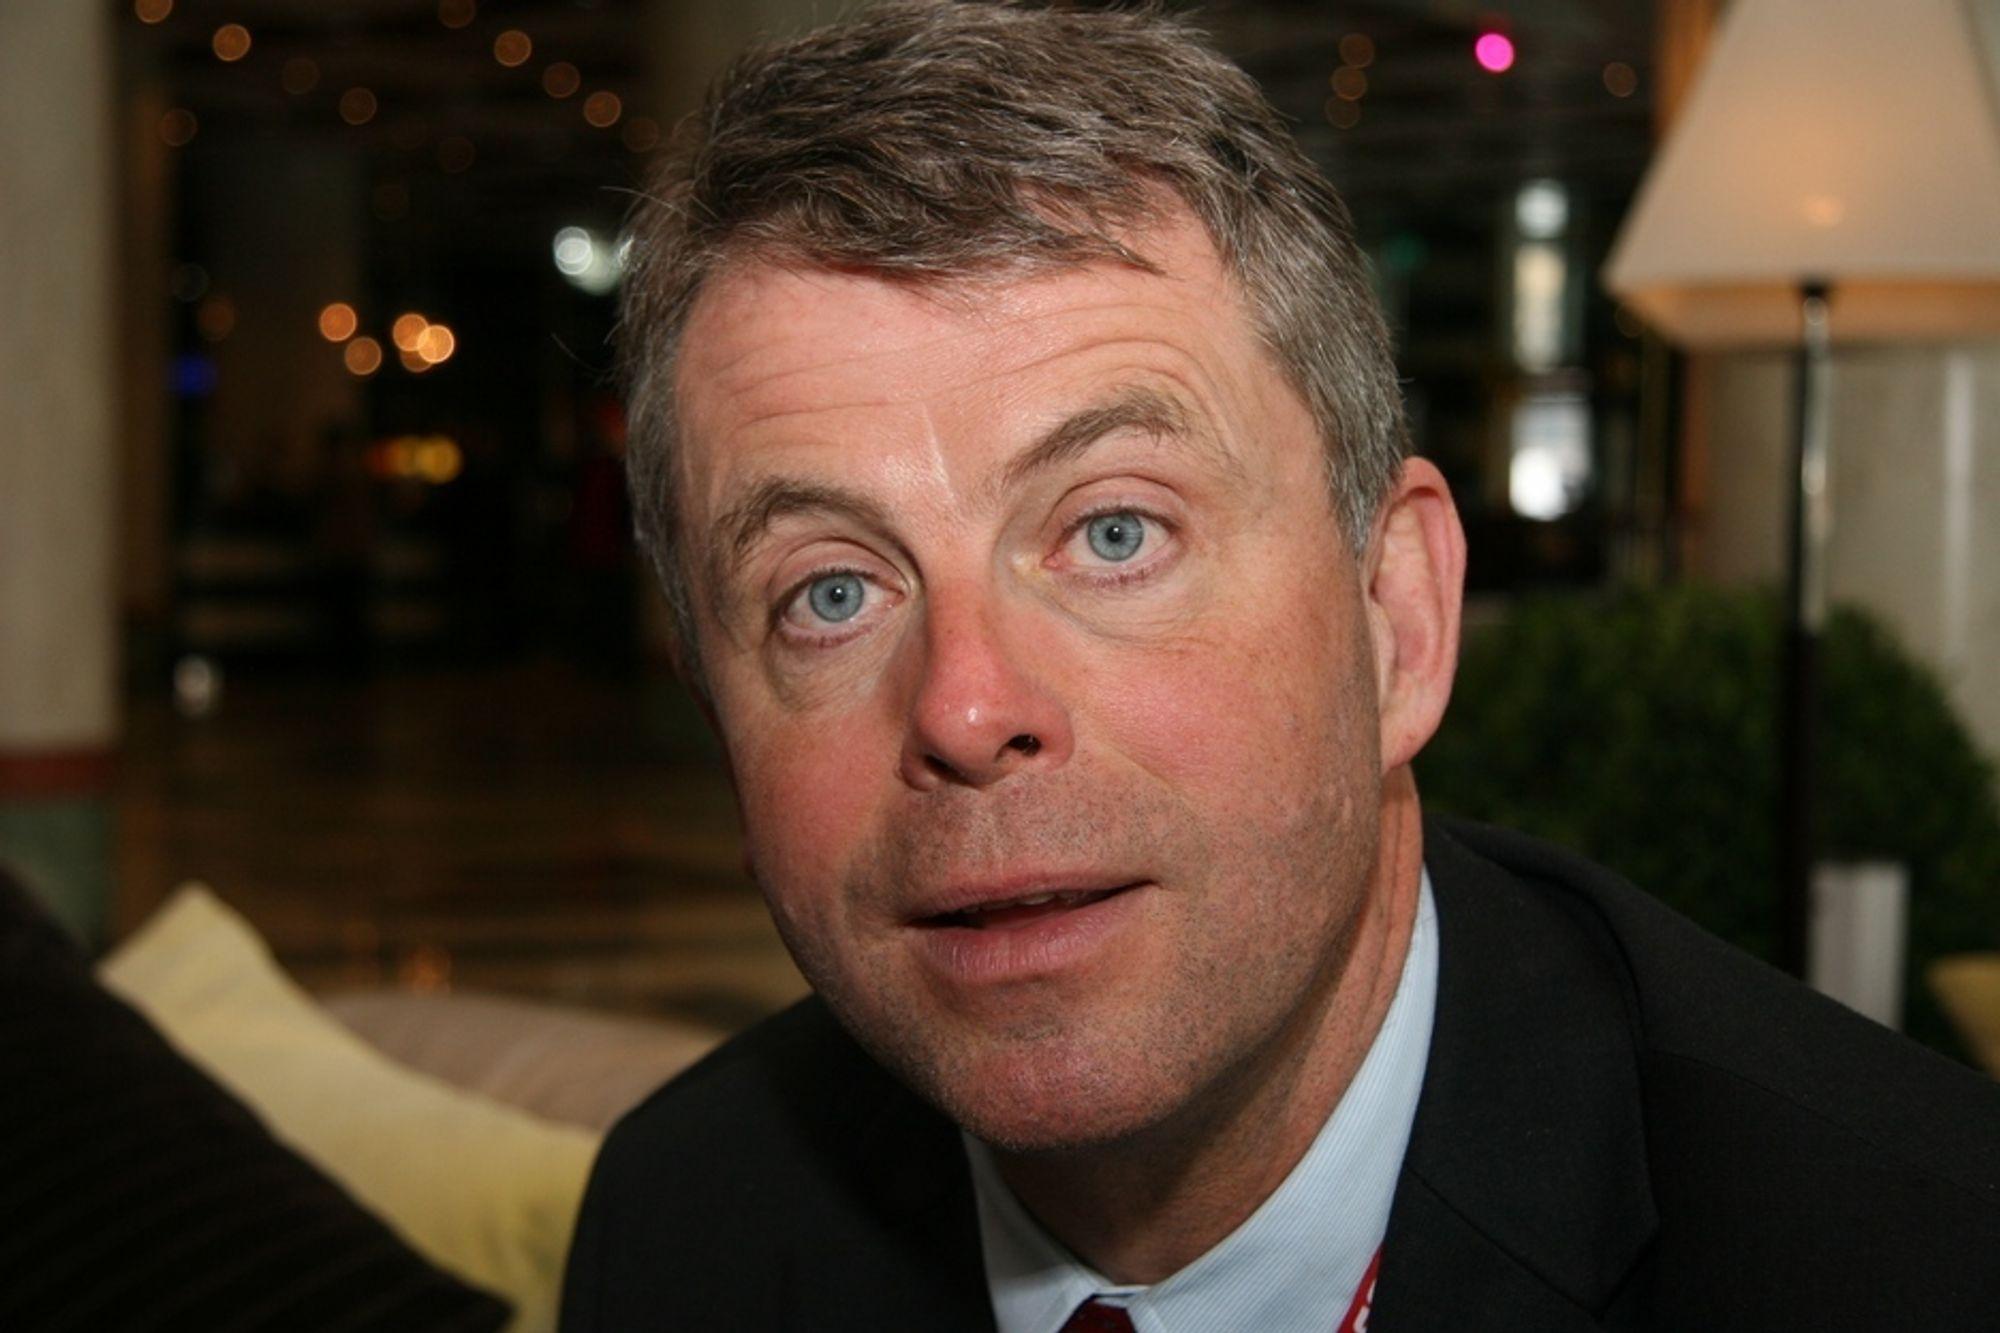 KOMMUNENES PREMISSER: - Et kommunalt Statsbygg må bygges på kommunenes premisser, sier Petter Eiken, administrerende direktør i Skanska.